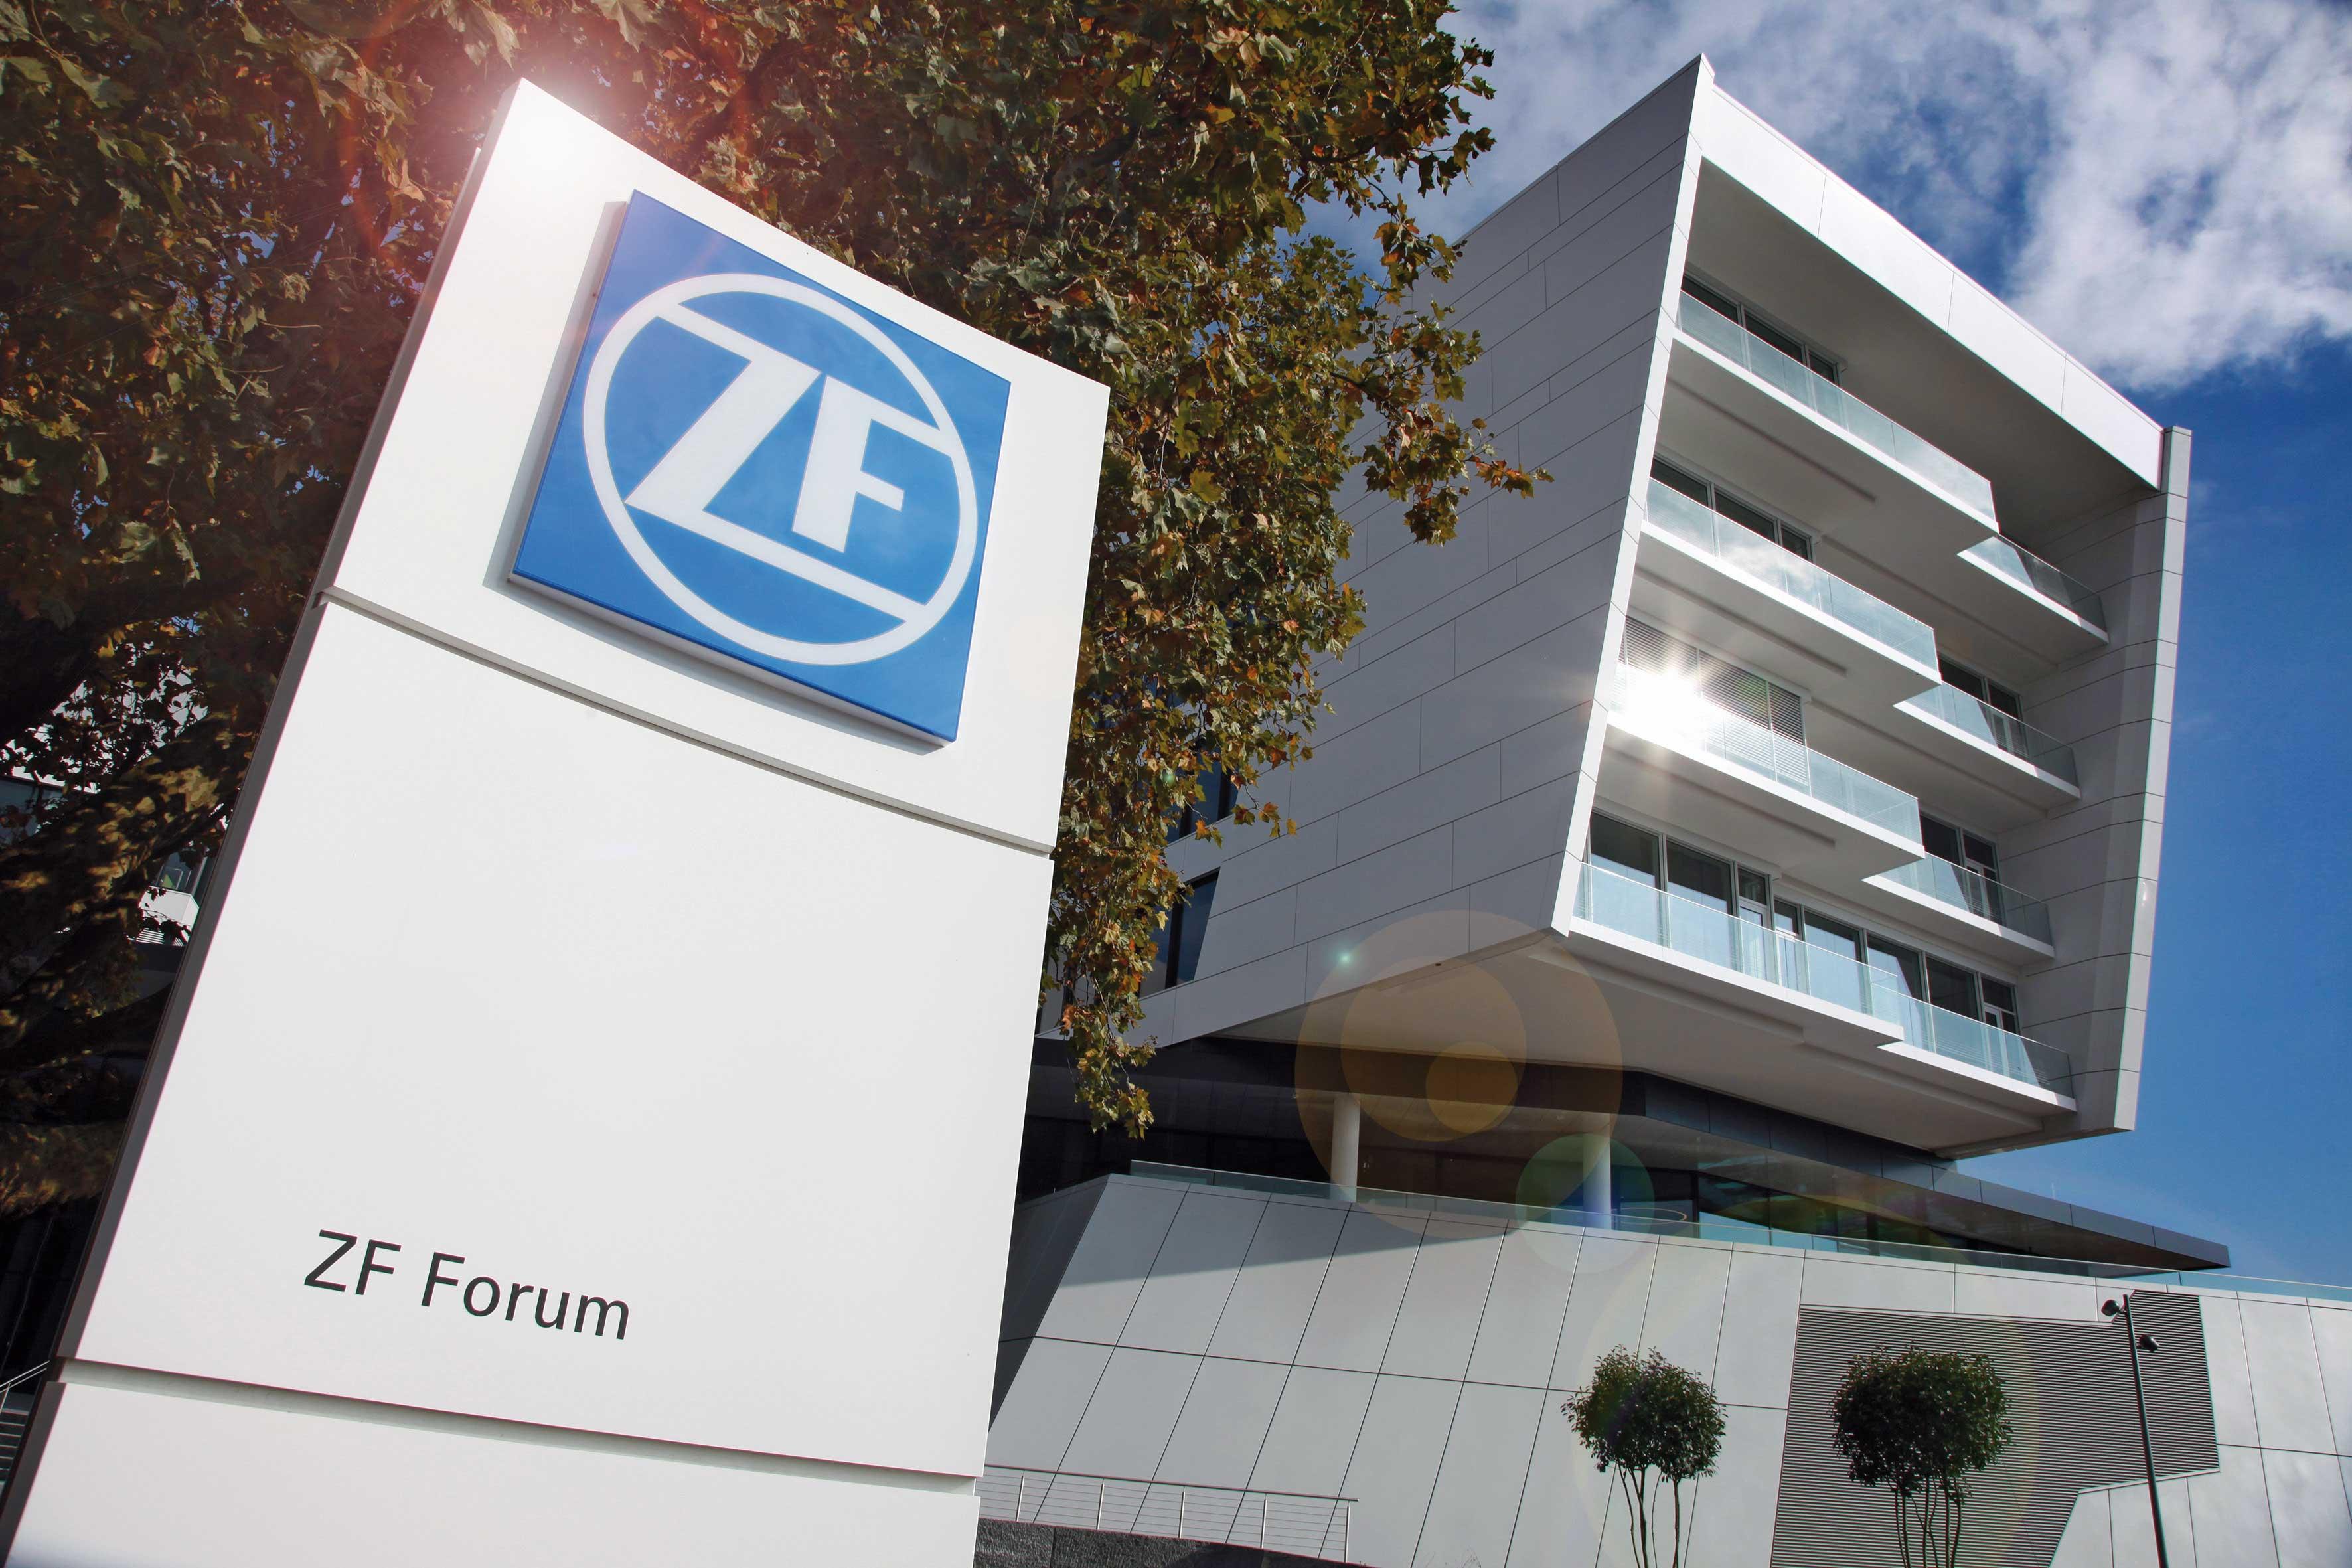 HEIZUNG UND KÜHLUNG | ZF Forum | Friedrichshafen